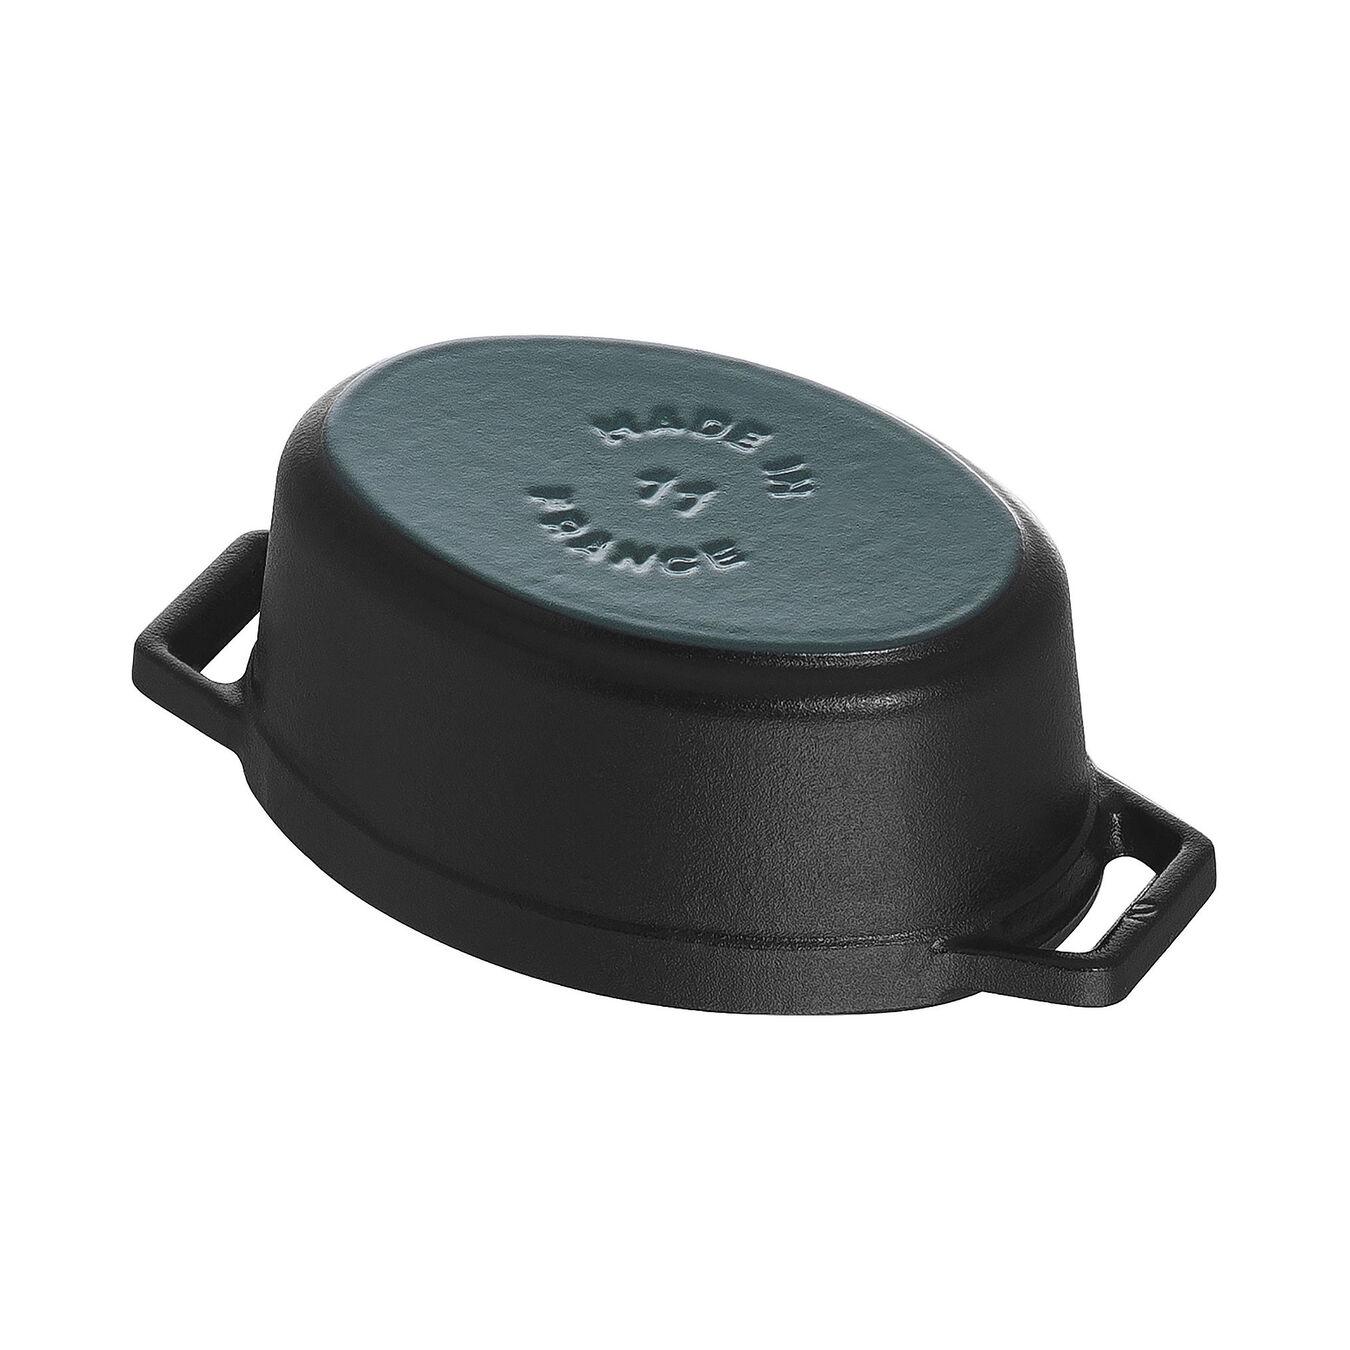 Mini Cocotte 11 cm, Ovale, Noir, Fonte,,large 5